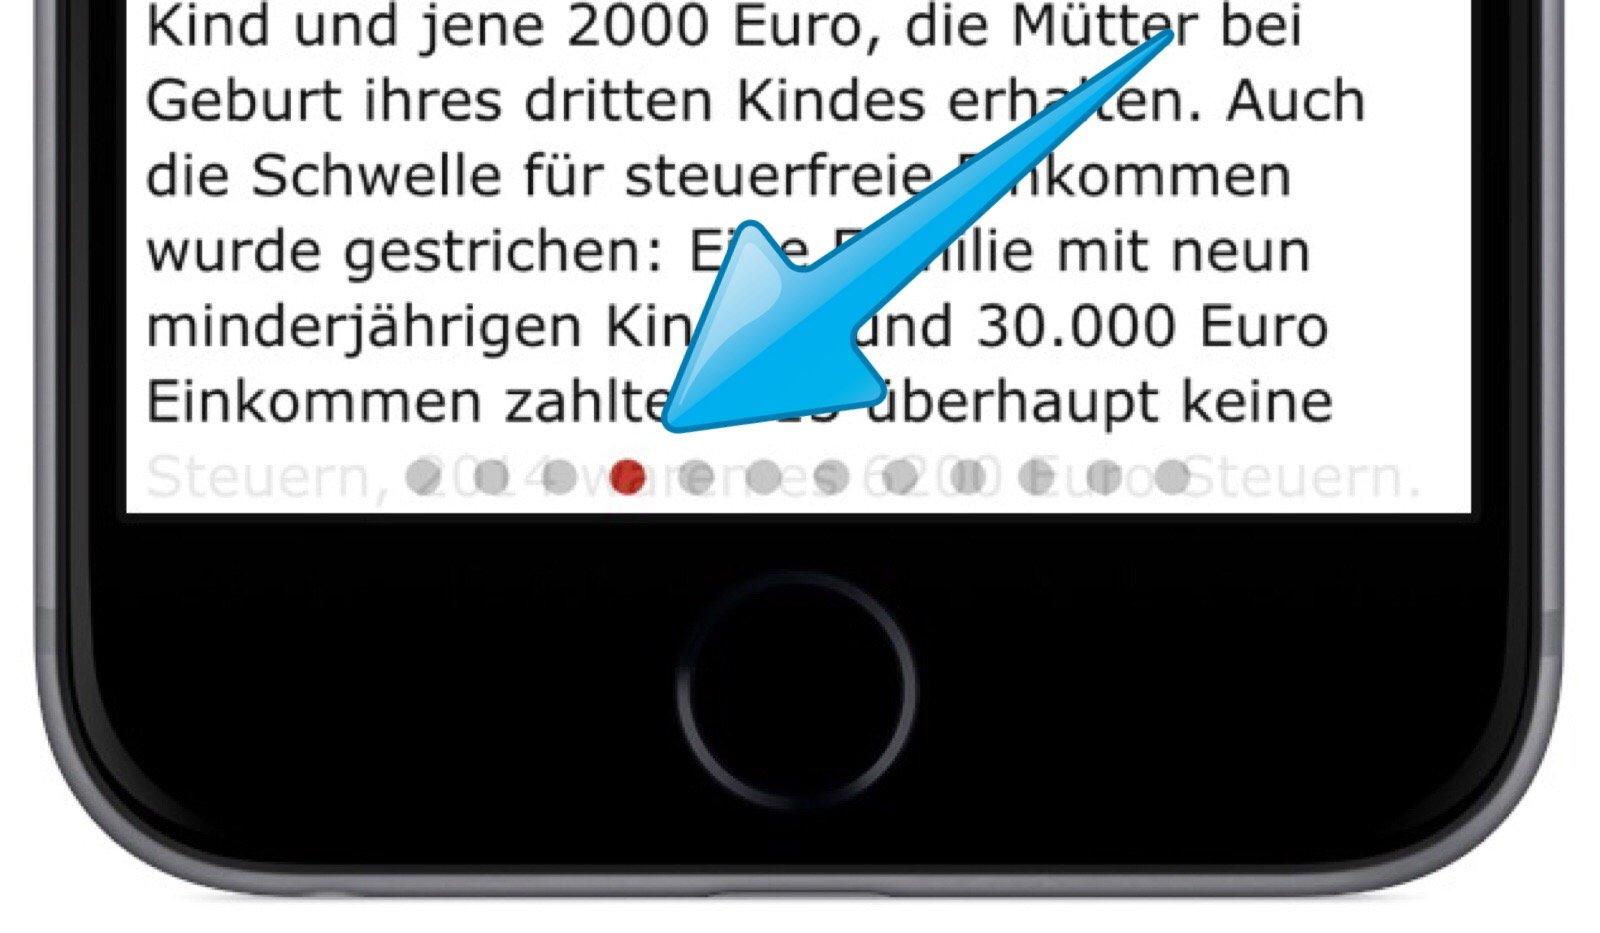 SPIEGEL ONLINE App 2.1 iPhone 6 plus Widget Wischen Pull to refresh aktualisieren Page Control 4